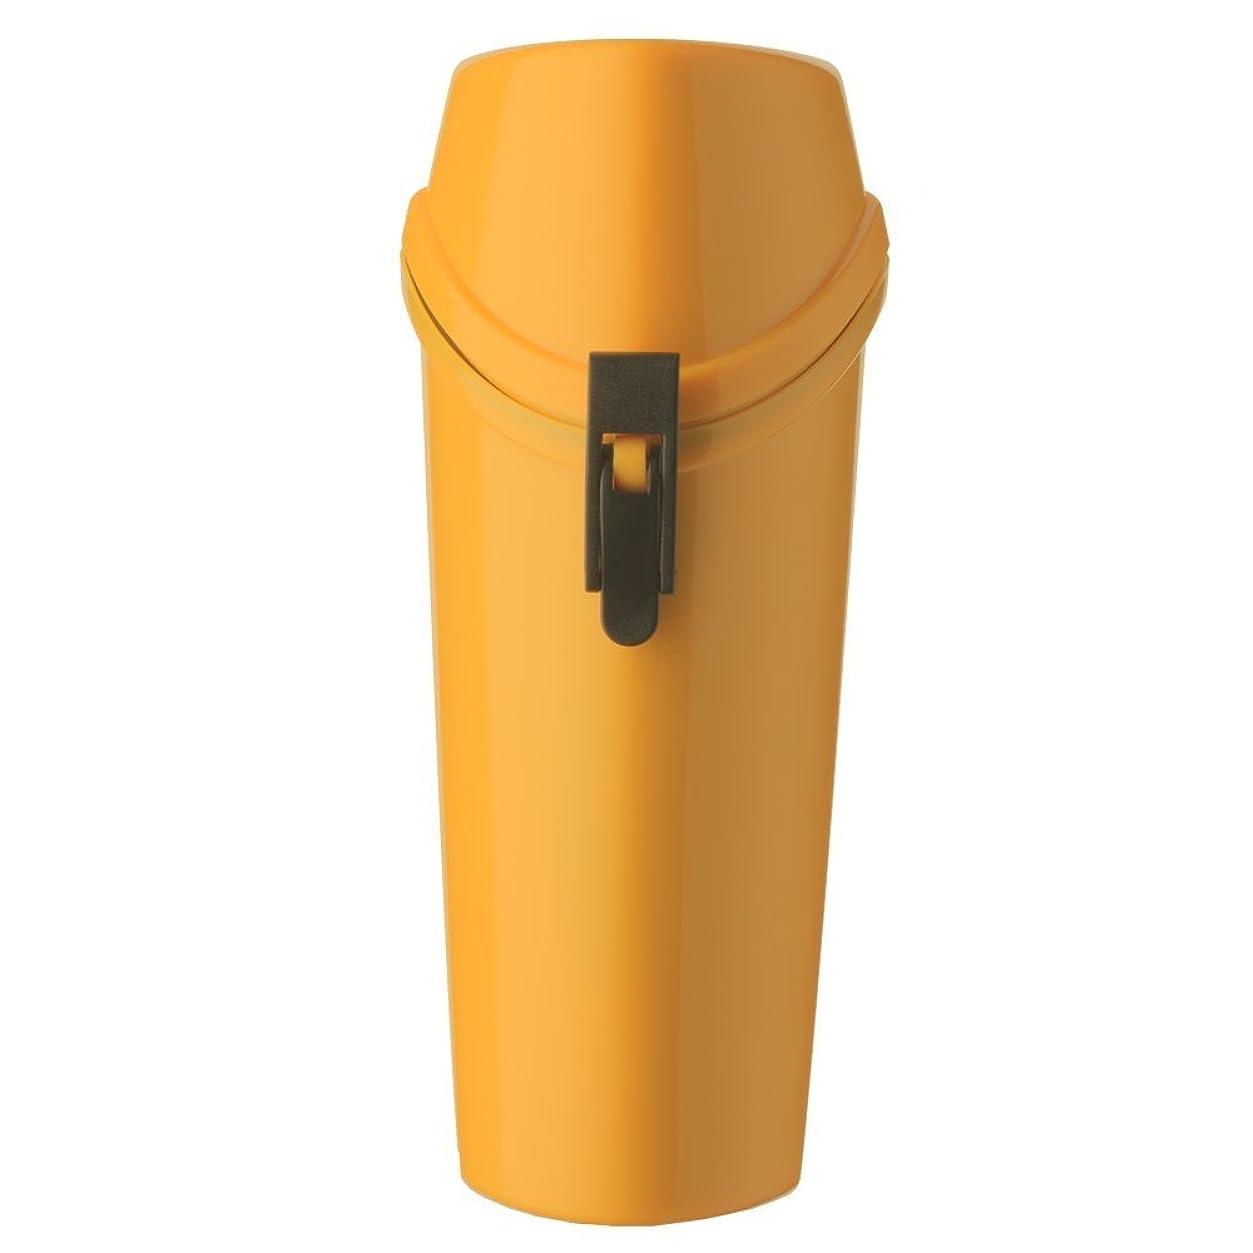 アライアンスコミュニケーション緑Witz Sport Cases The Wrapper (Colors May Vary) [並行輸入品]